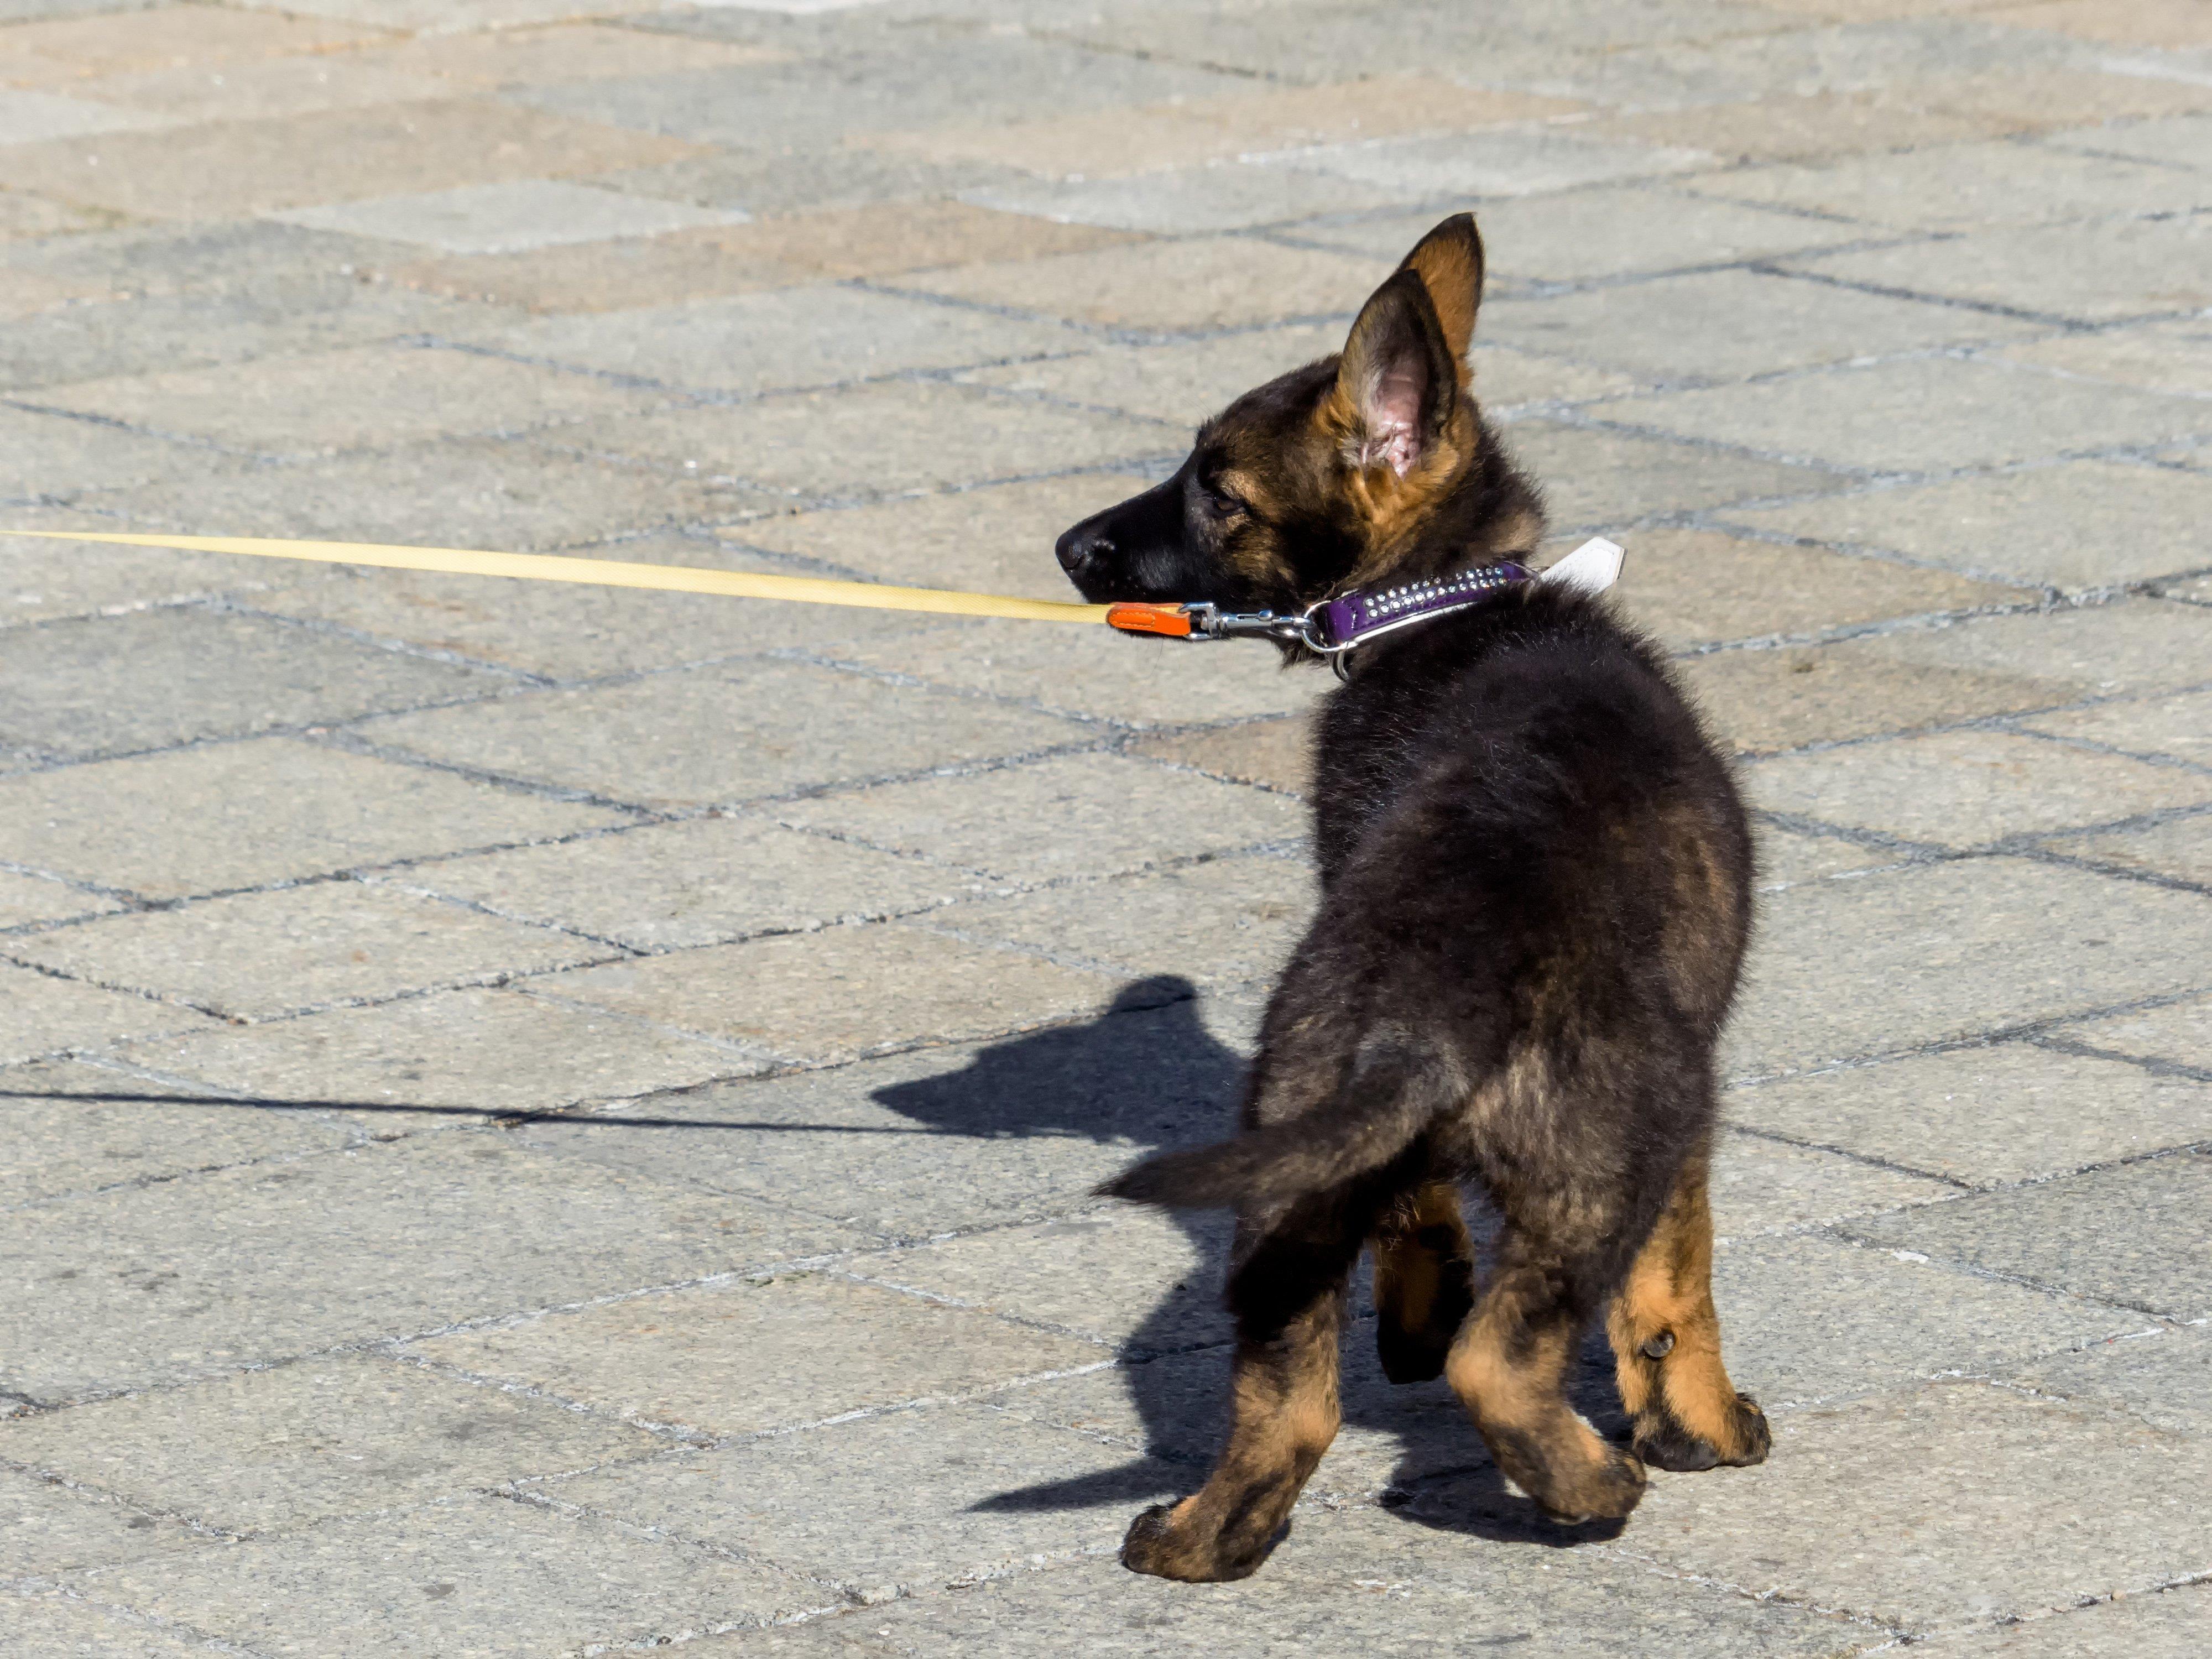 Für das angeklagte Vergehen der Tierquälerei sieht das Strafgesetzbuch für den Fall einer Verurteilung bis zu zwei Jahre Gefängnis vor.